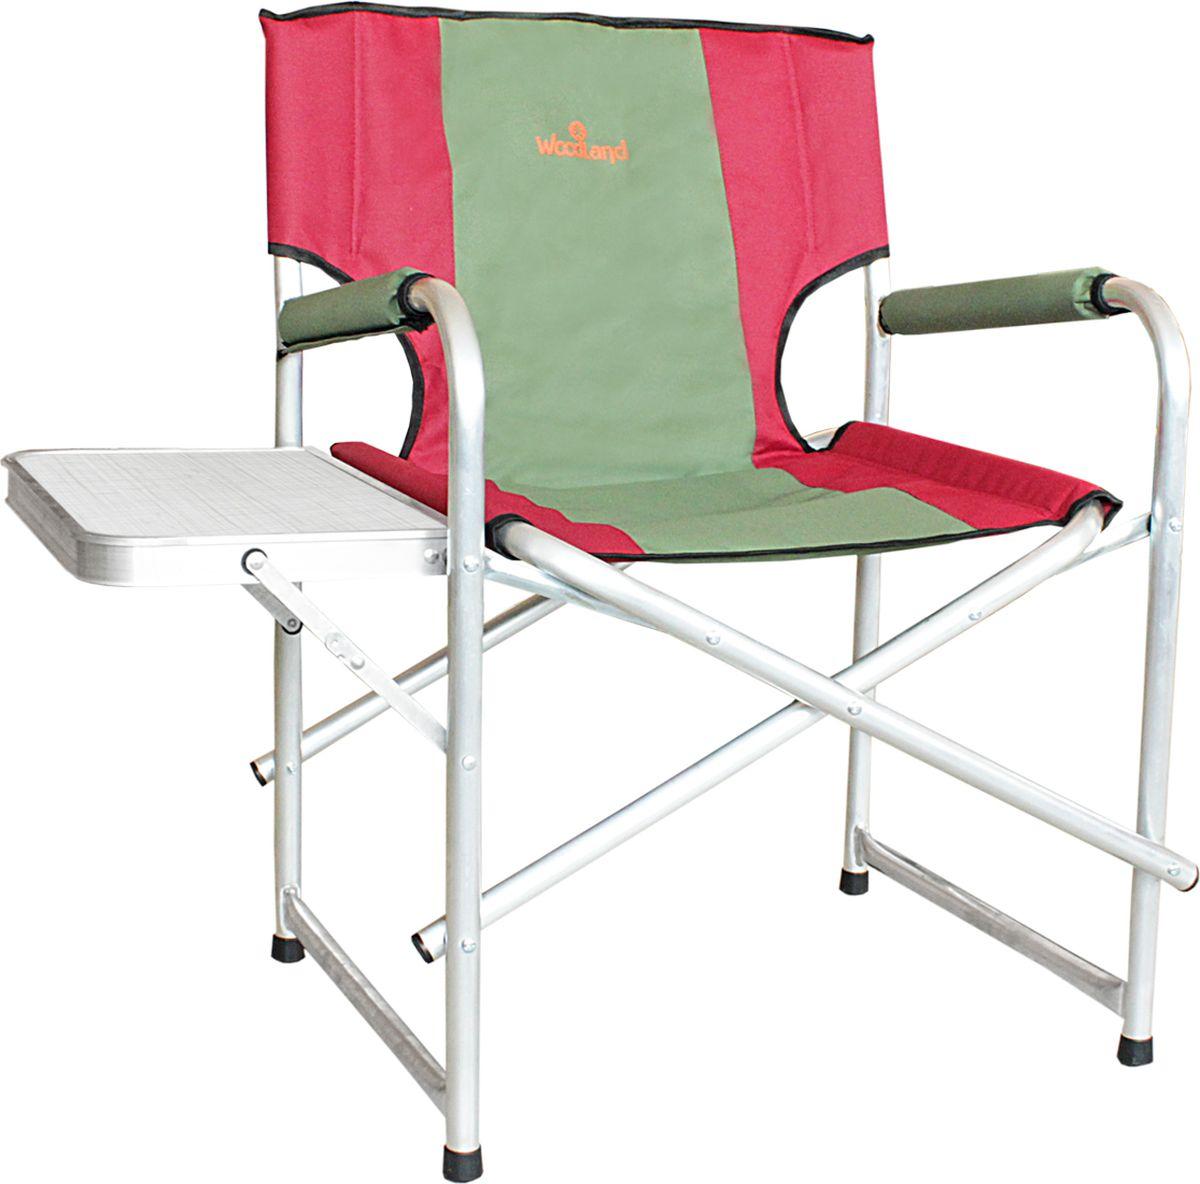 Кресло складное Woodland Super Max+, со столиком, цвет: красный, оливковый, 55 x 62 x 63 см64772Модель: Super Max+Материалы: алюминий o 25 мм. Oxford 600DРАЗМЕР: 55х62х63 (83) см.ВЕС: 4,5 кг.Кресло складное кемпинговое SuperMAX специально разработано как кресло повышенной нагрузки и повышенной комфортности. Идеально подойдет для больших людей.Стильный дизайн, расширенная база кресла по ширине, глубине и высоте сиденья, удобный наклон спинки и наклонные подлокотники. Усиленная конструкция каркаса. Усилены соединительные элементы.Компактная складная конструкция.Прочный алюминиевый каркас, диаметром 25 мм.Материал столешницы - влагостойкий ХДФВодоотталкивающее ПВХ покрытие ткани Oxford 600D.Максимально допустимая нагрузка 150 кг.